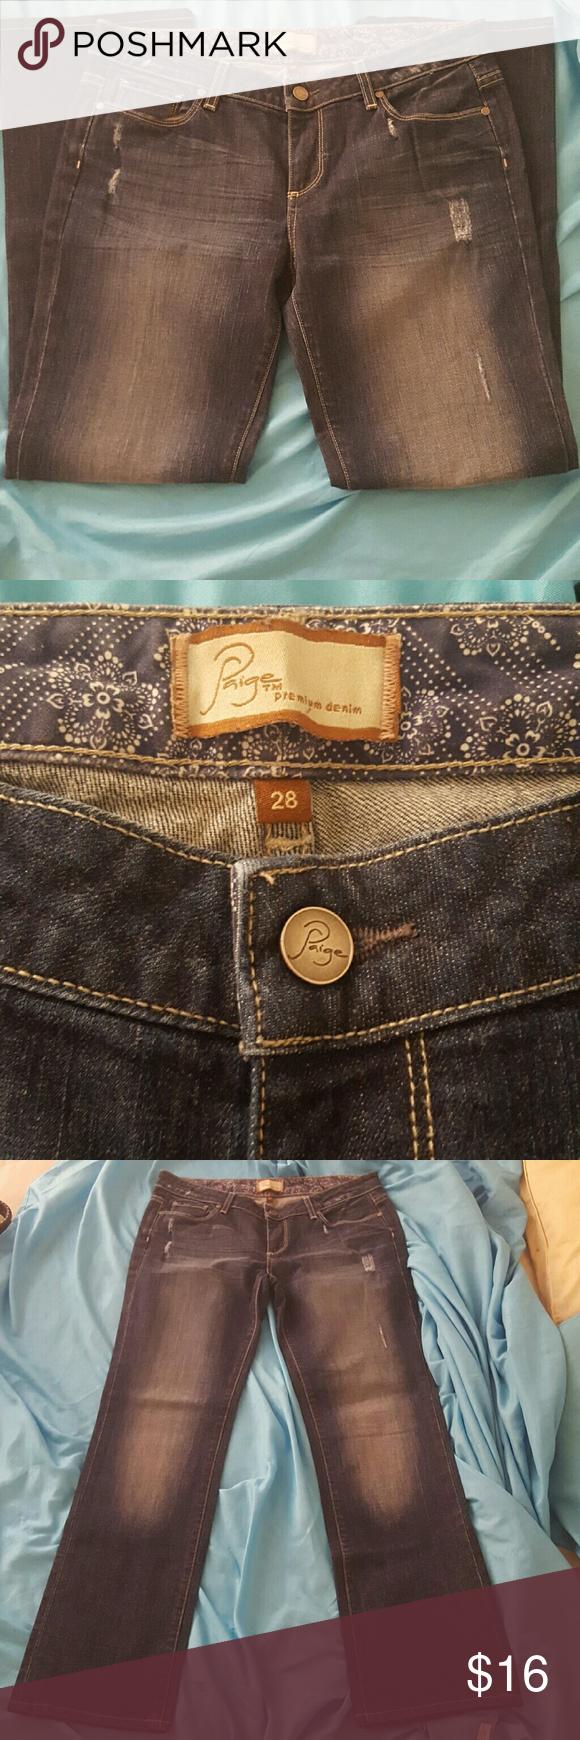 Paige  jimmy  jimmy Paige premium jimmy jimmy  size 28 Paige Jeans Pants Boot Cut & Flare